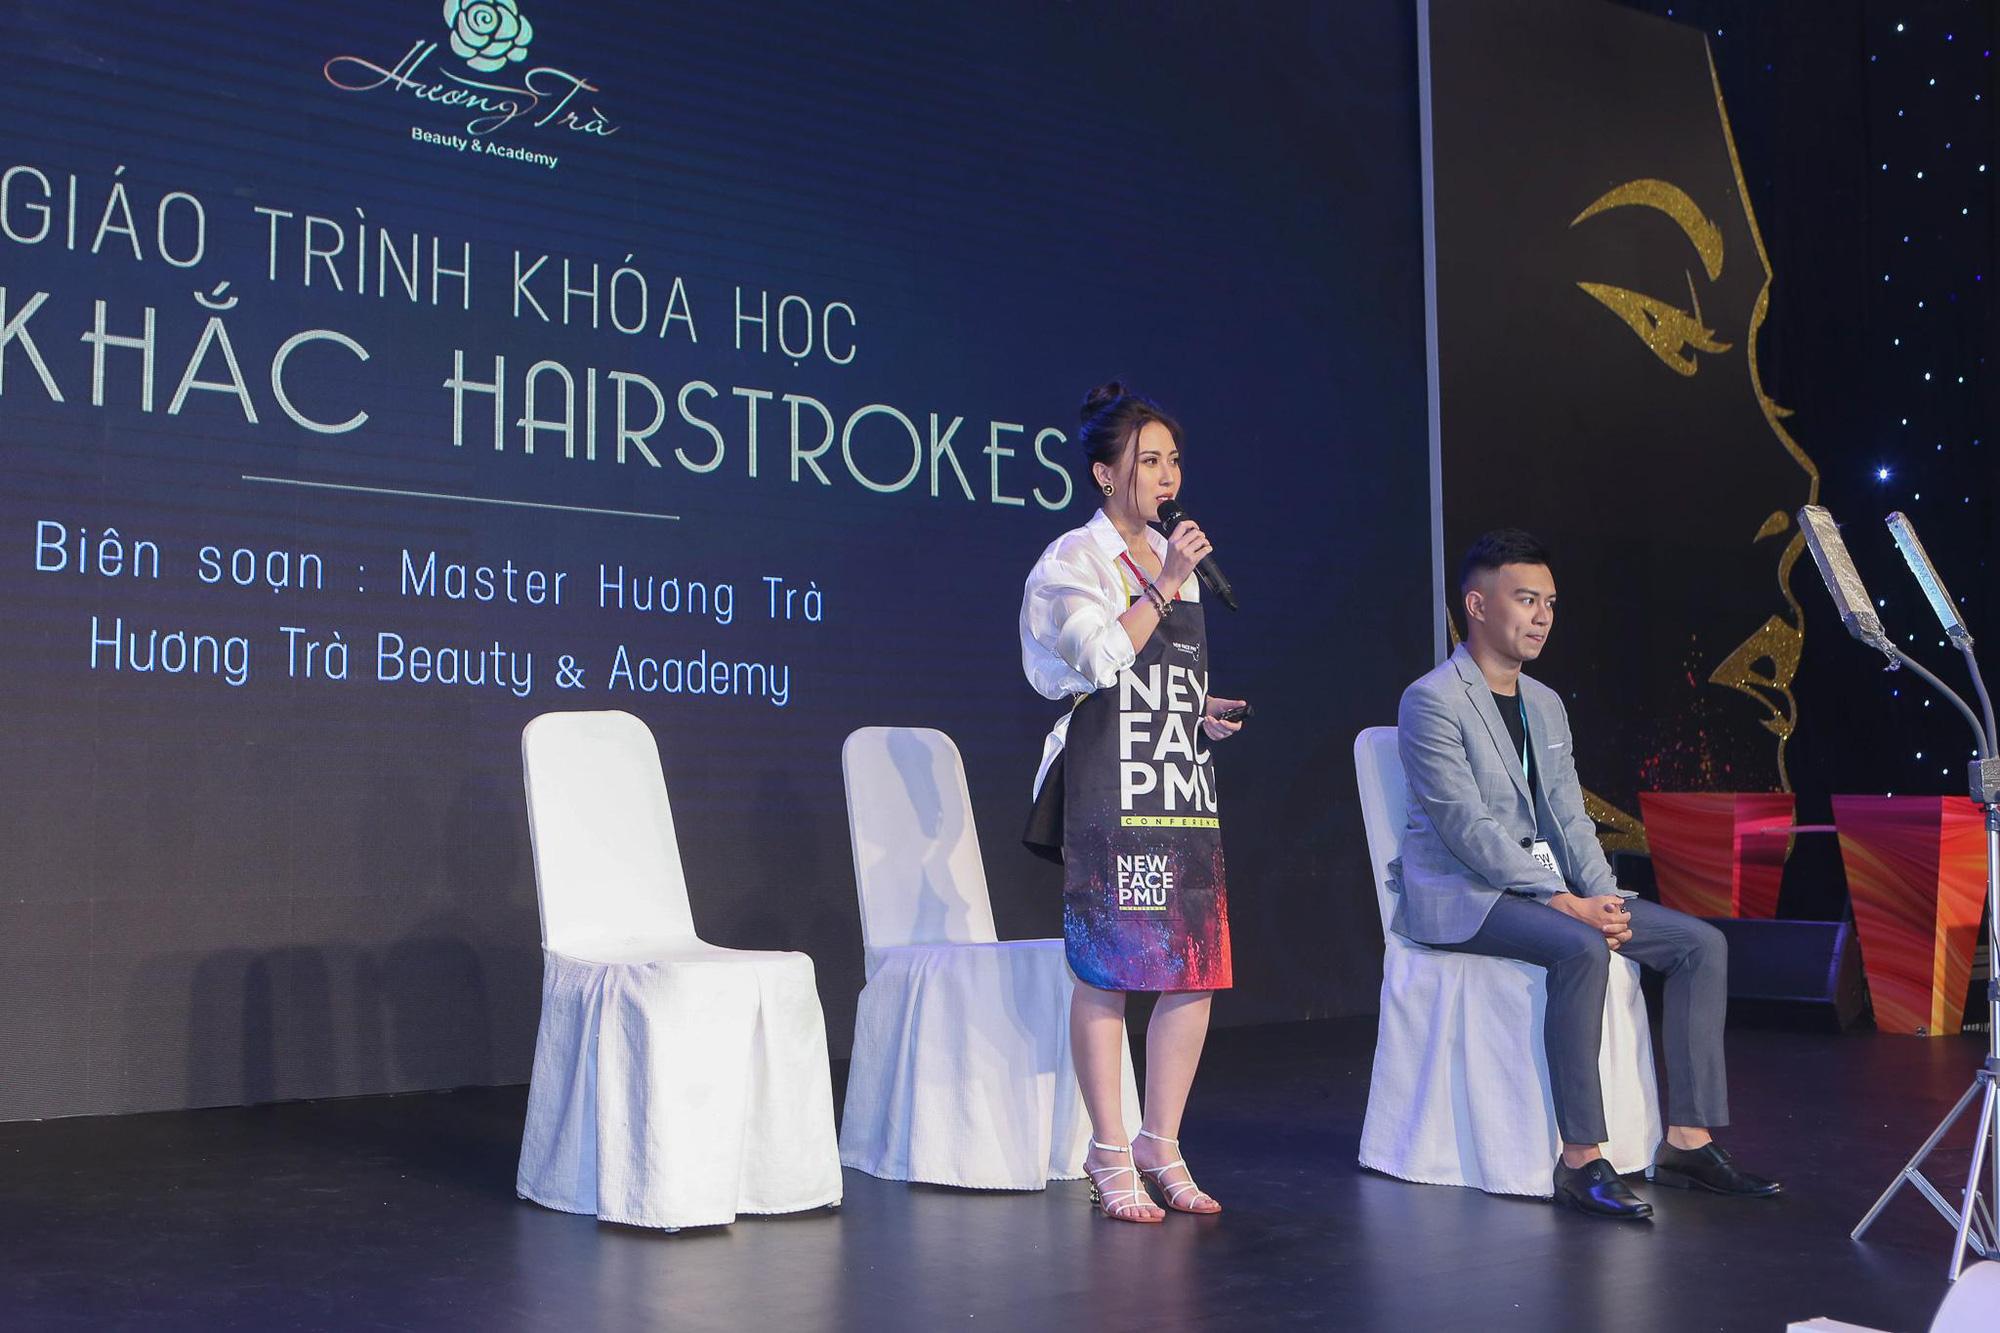 Học viên Hairstrokes của Hương Trà đạt giải cao trong cuộc thi PMU 2020 - Ảnh 5.